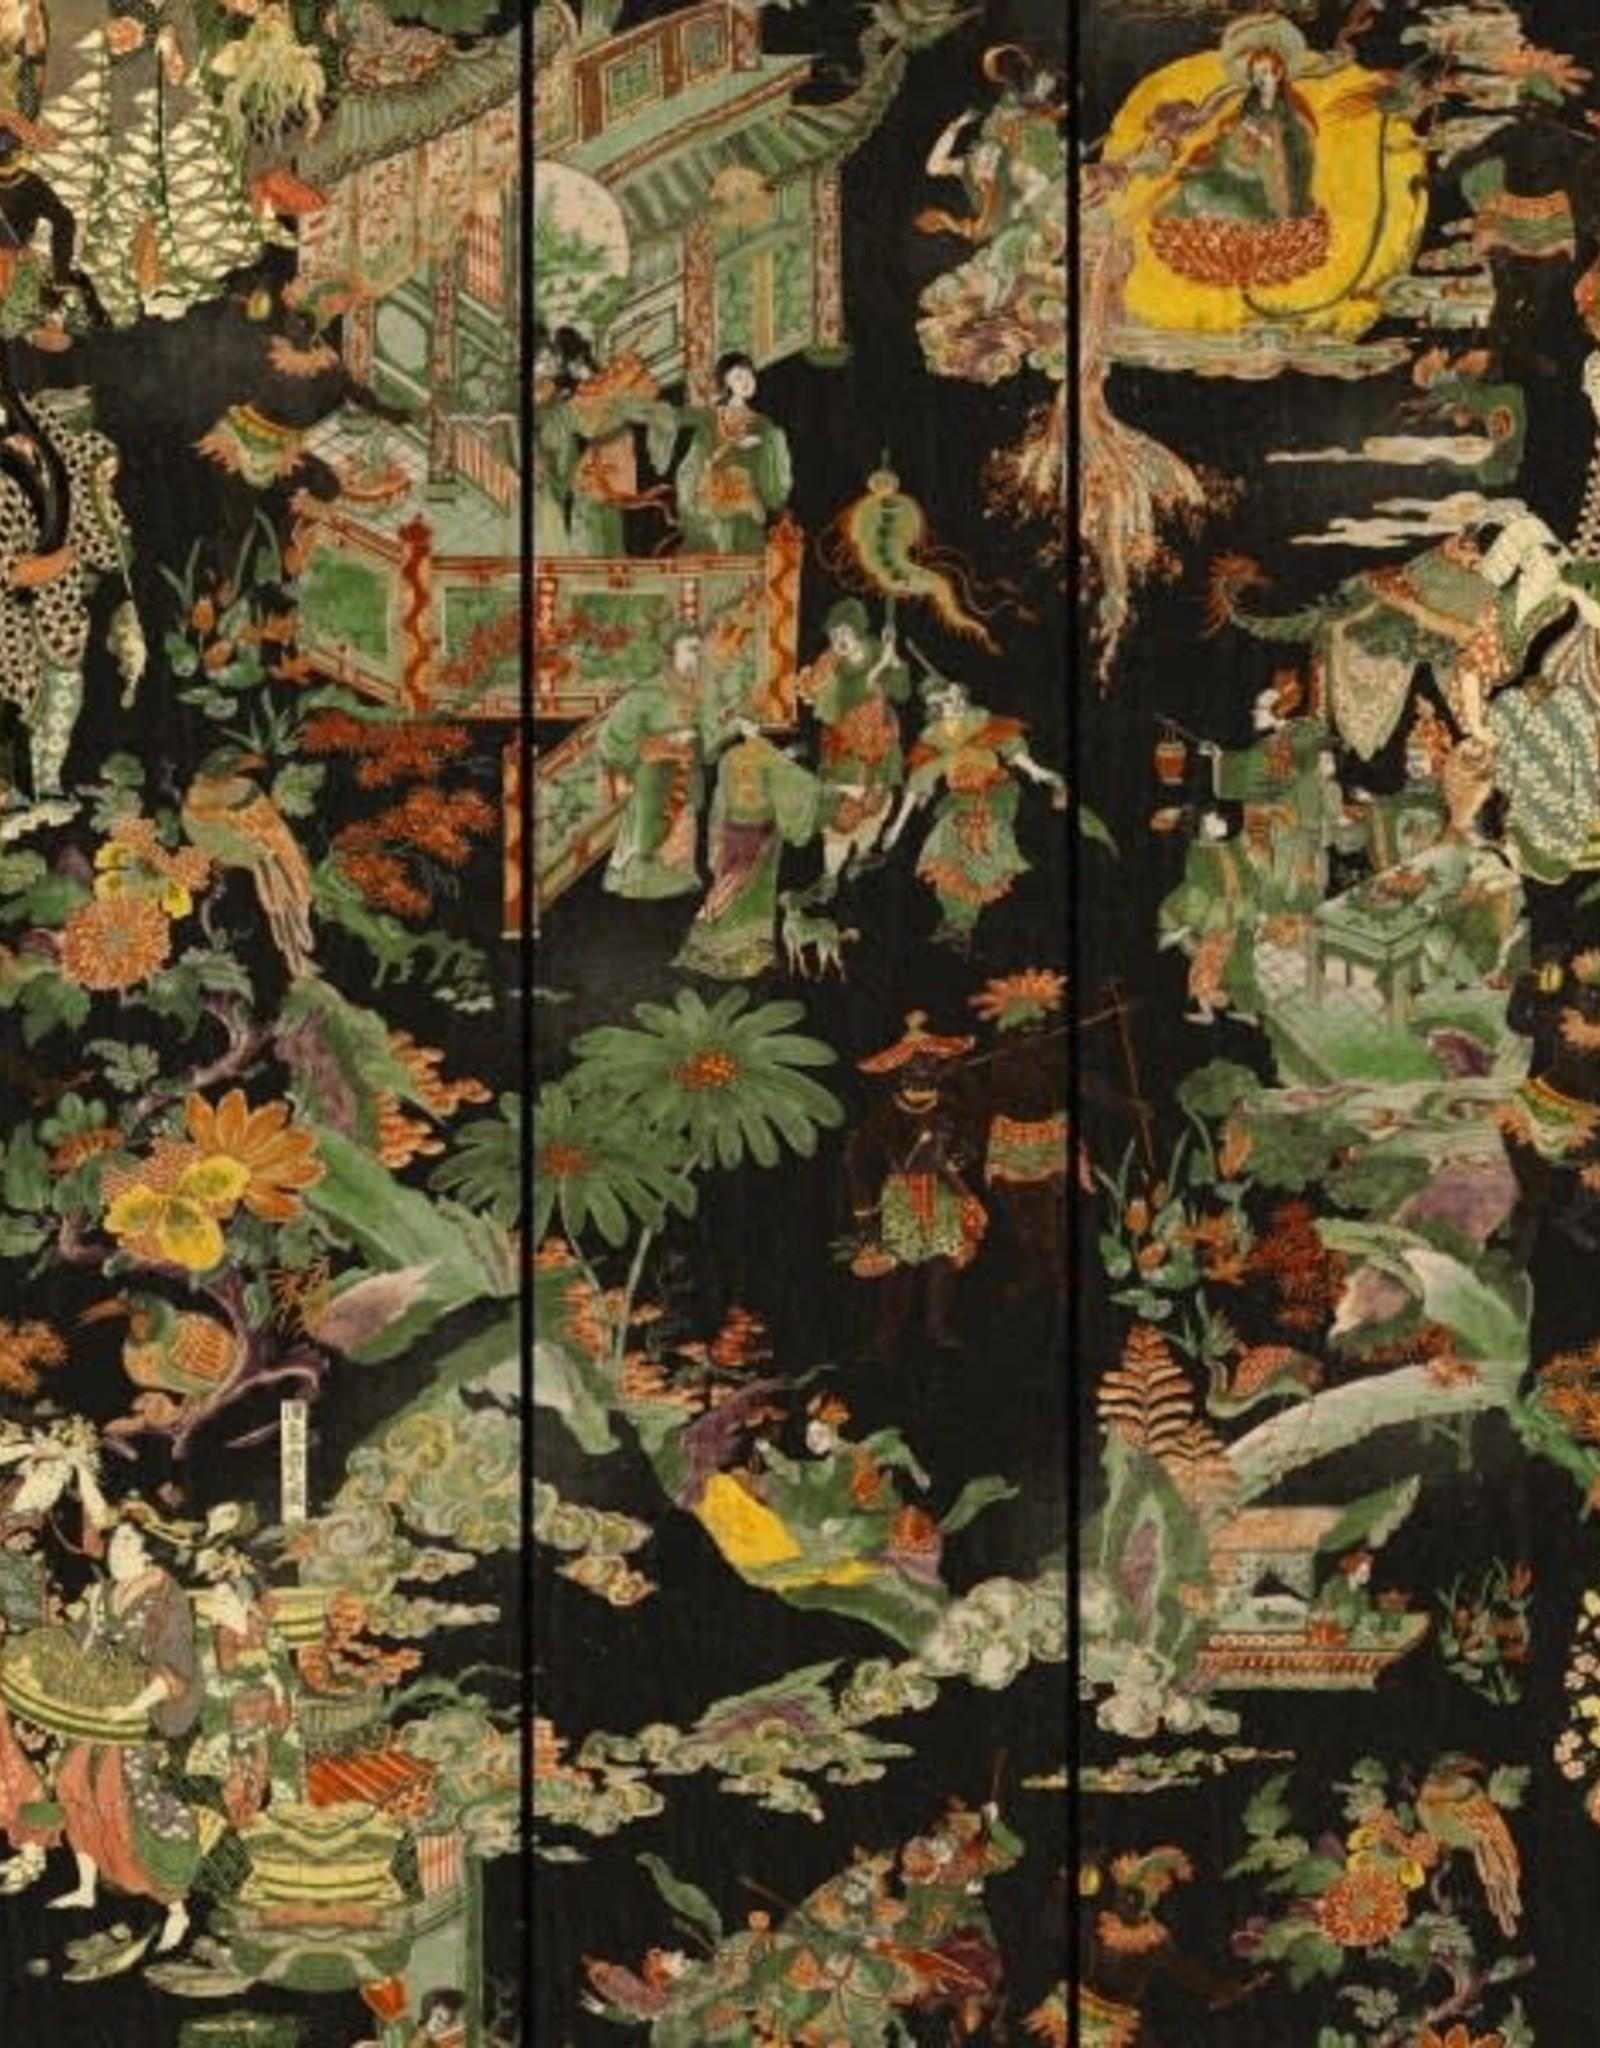 Behang The Oriental Tale - 156 x 300 cm